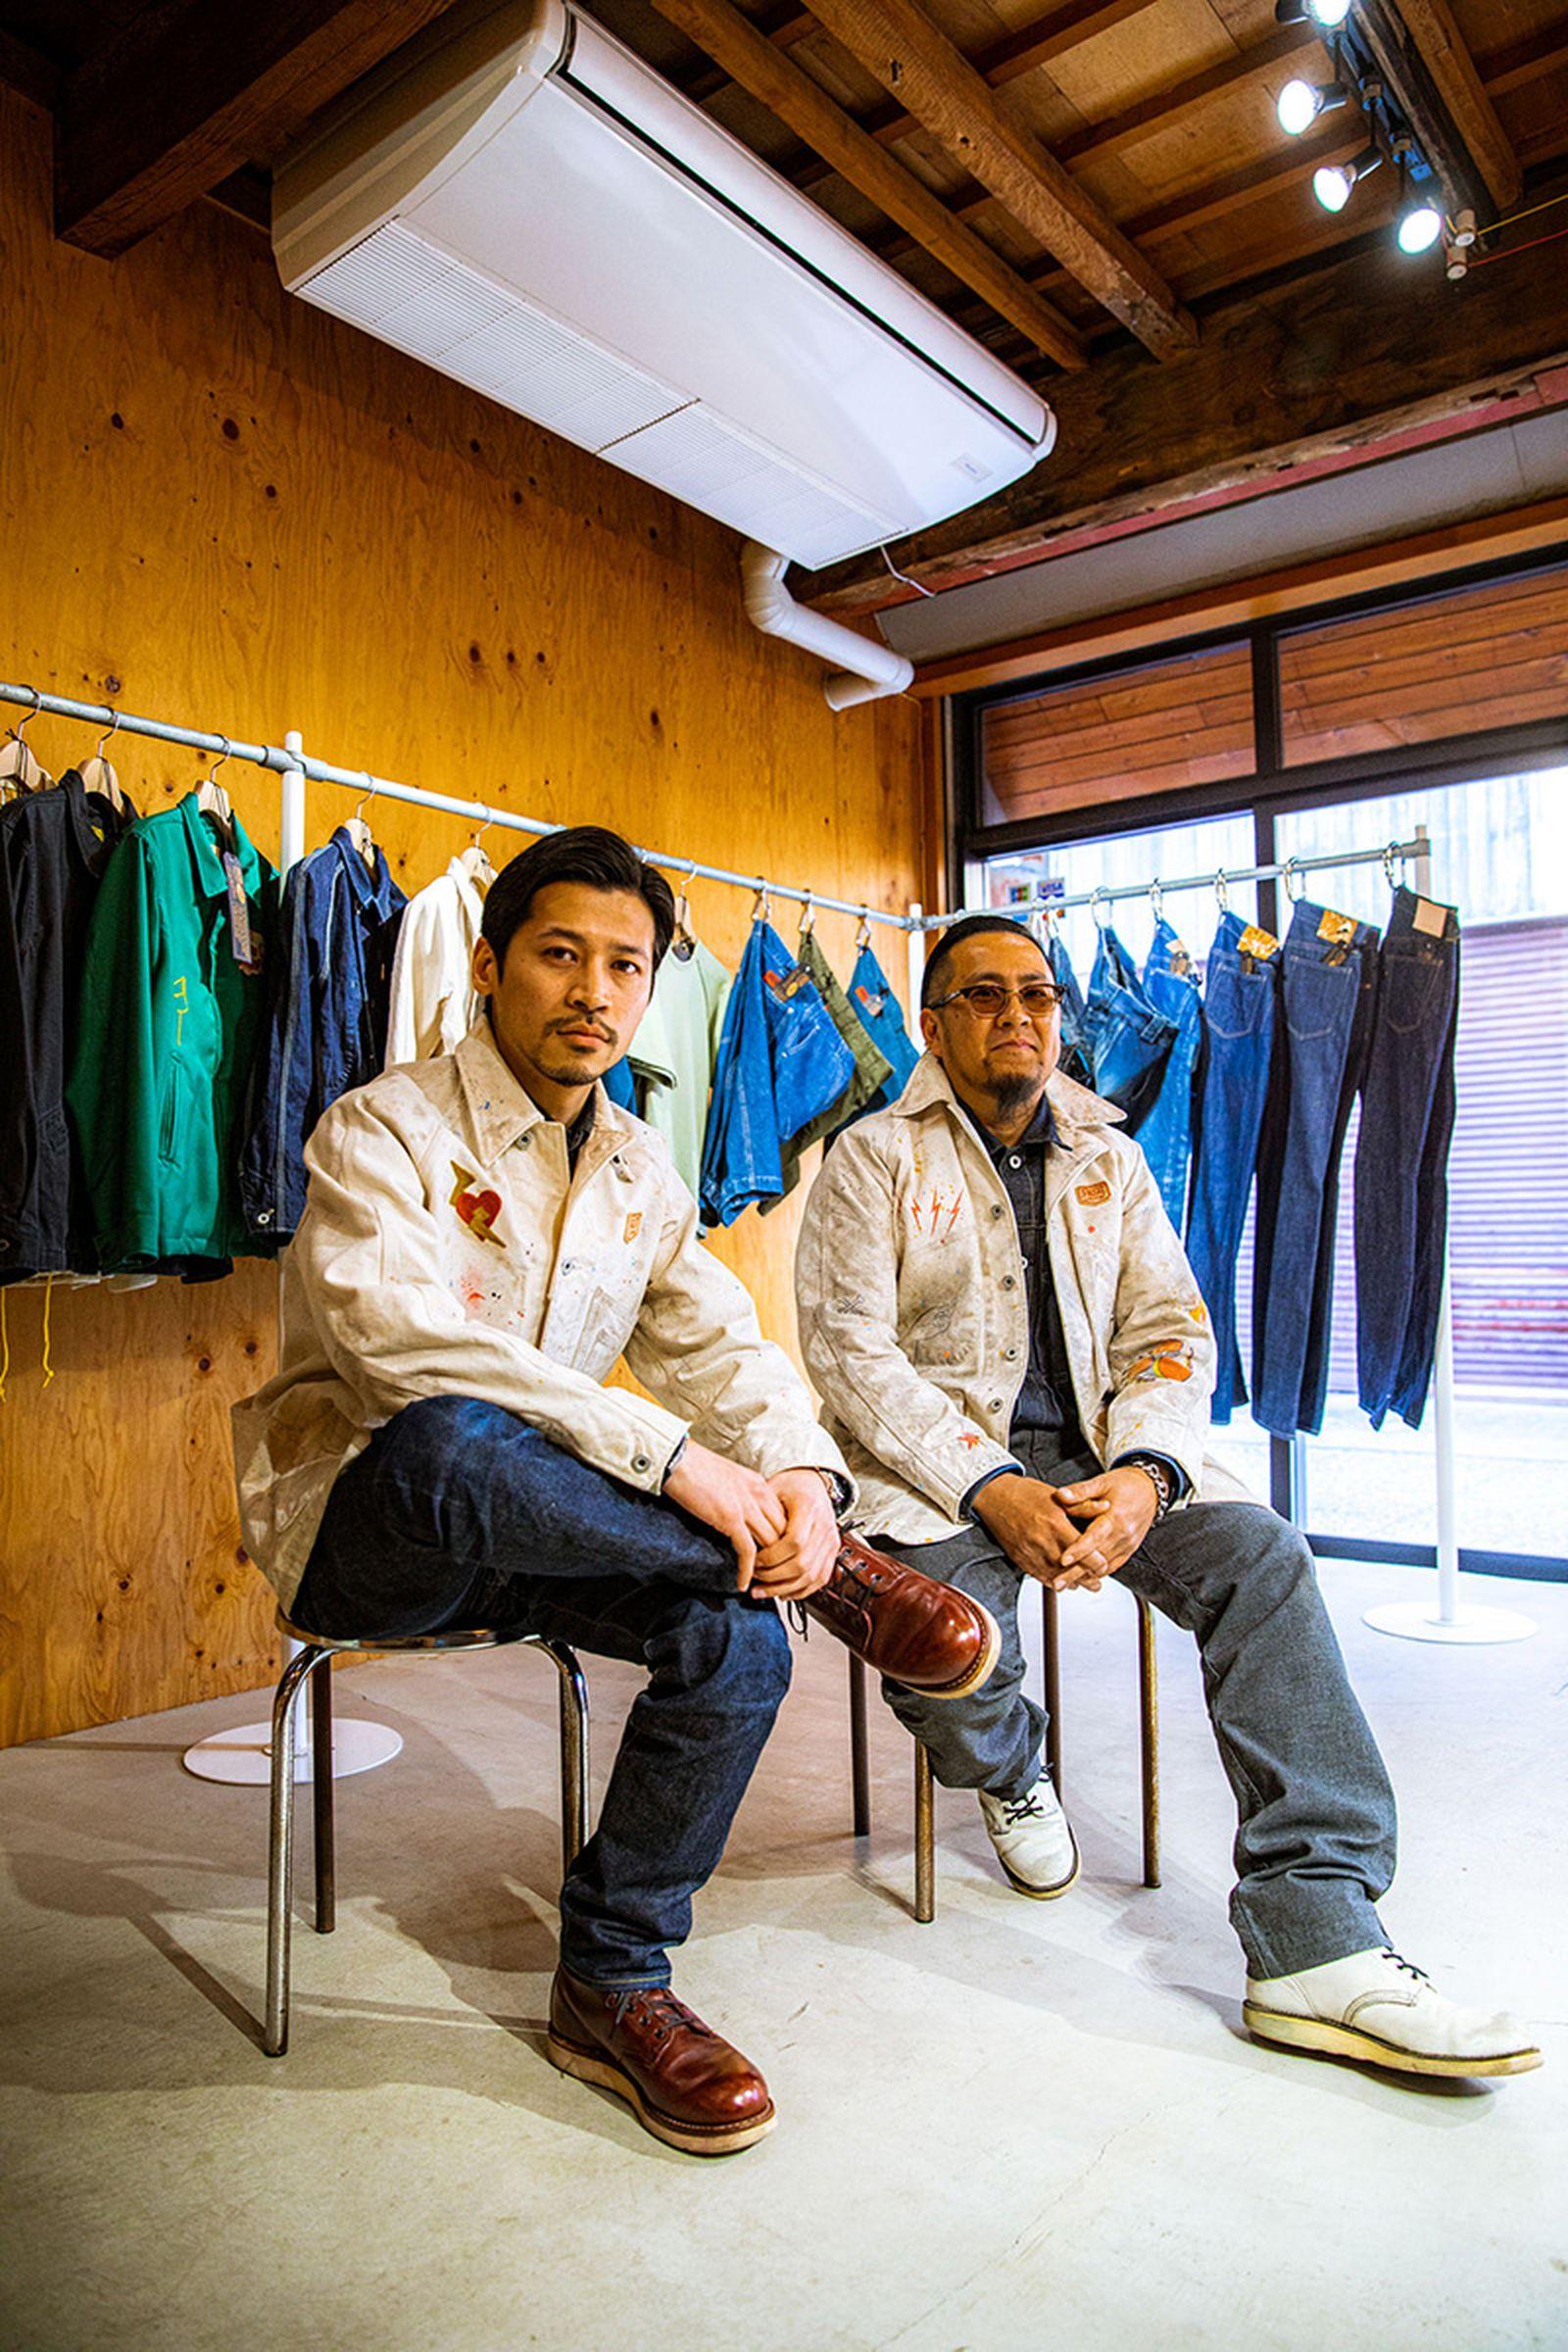 meet-pallet-life-story-japans-famed-denim-hub-03